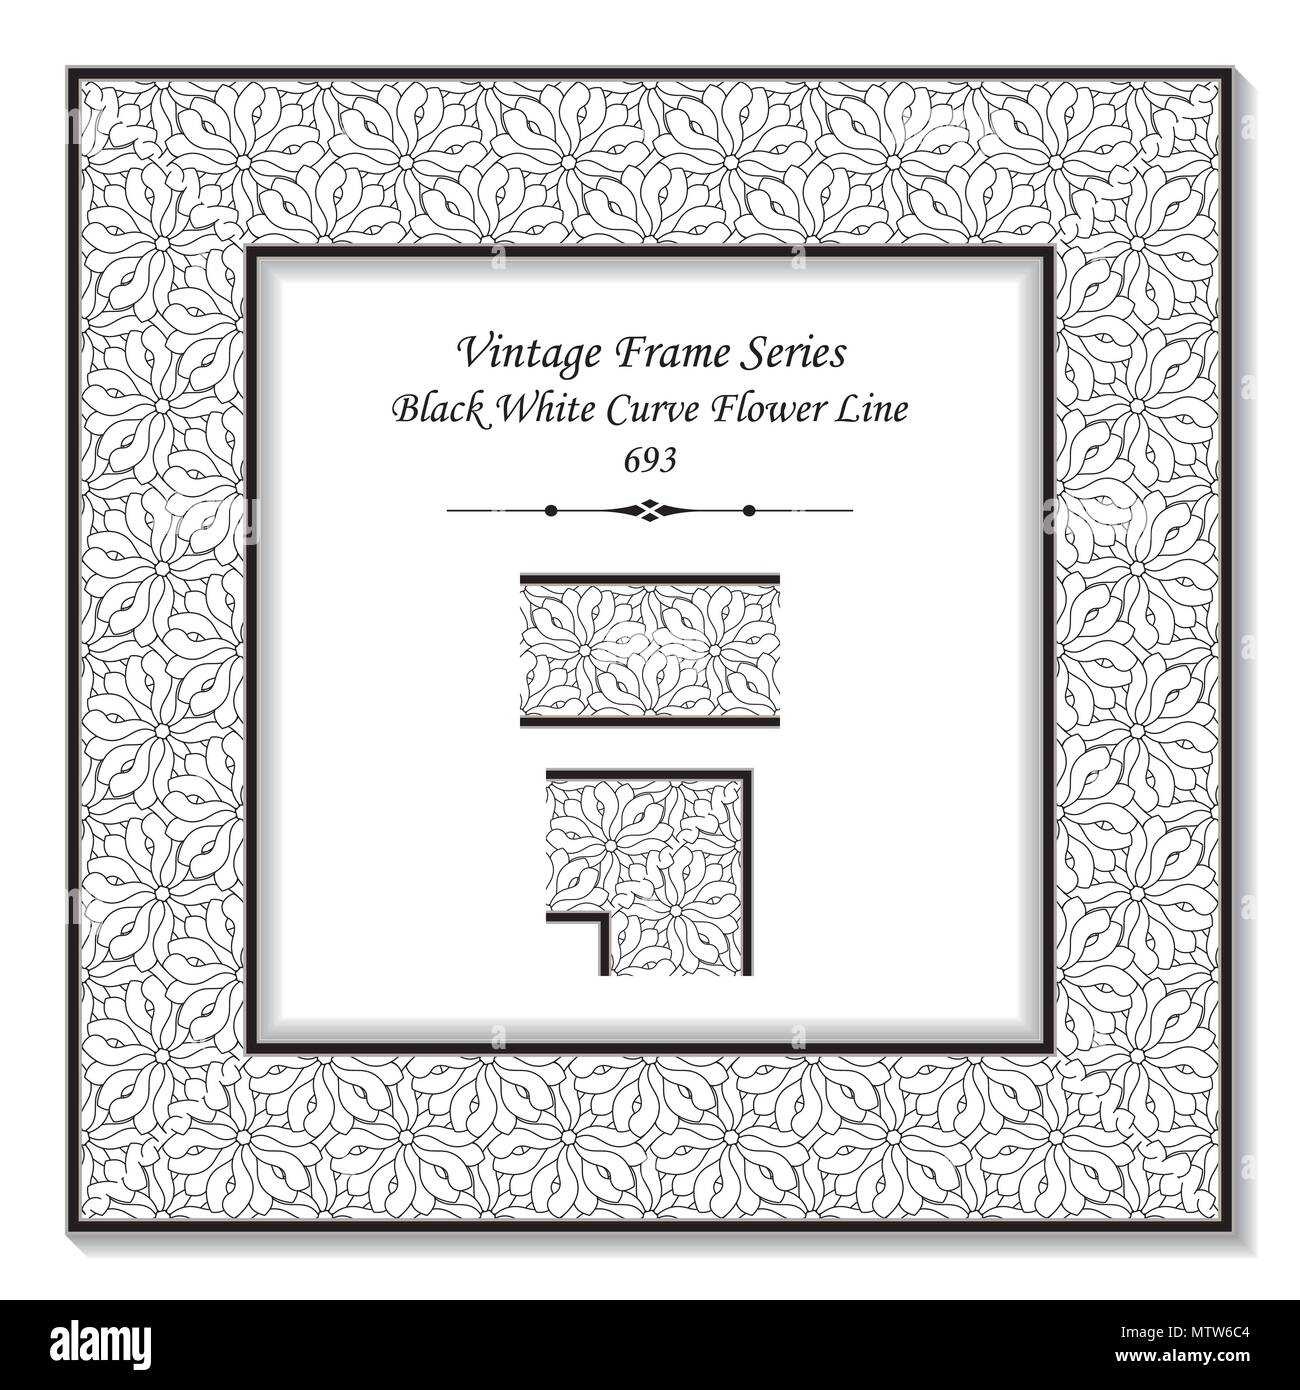 Flower Frame Black White Square Stock Vector Images - Alamy